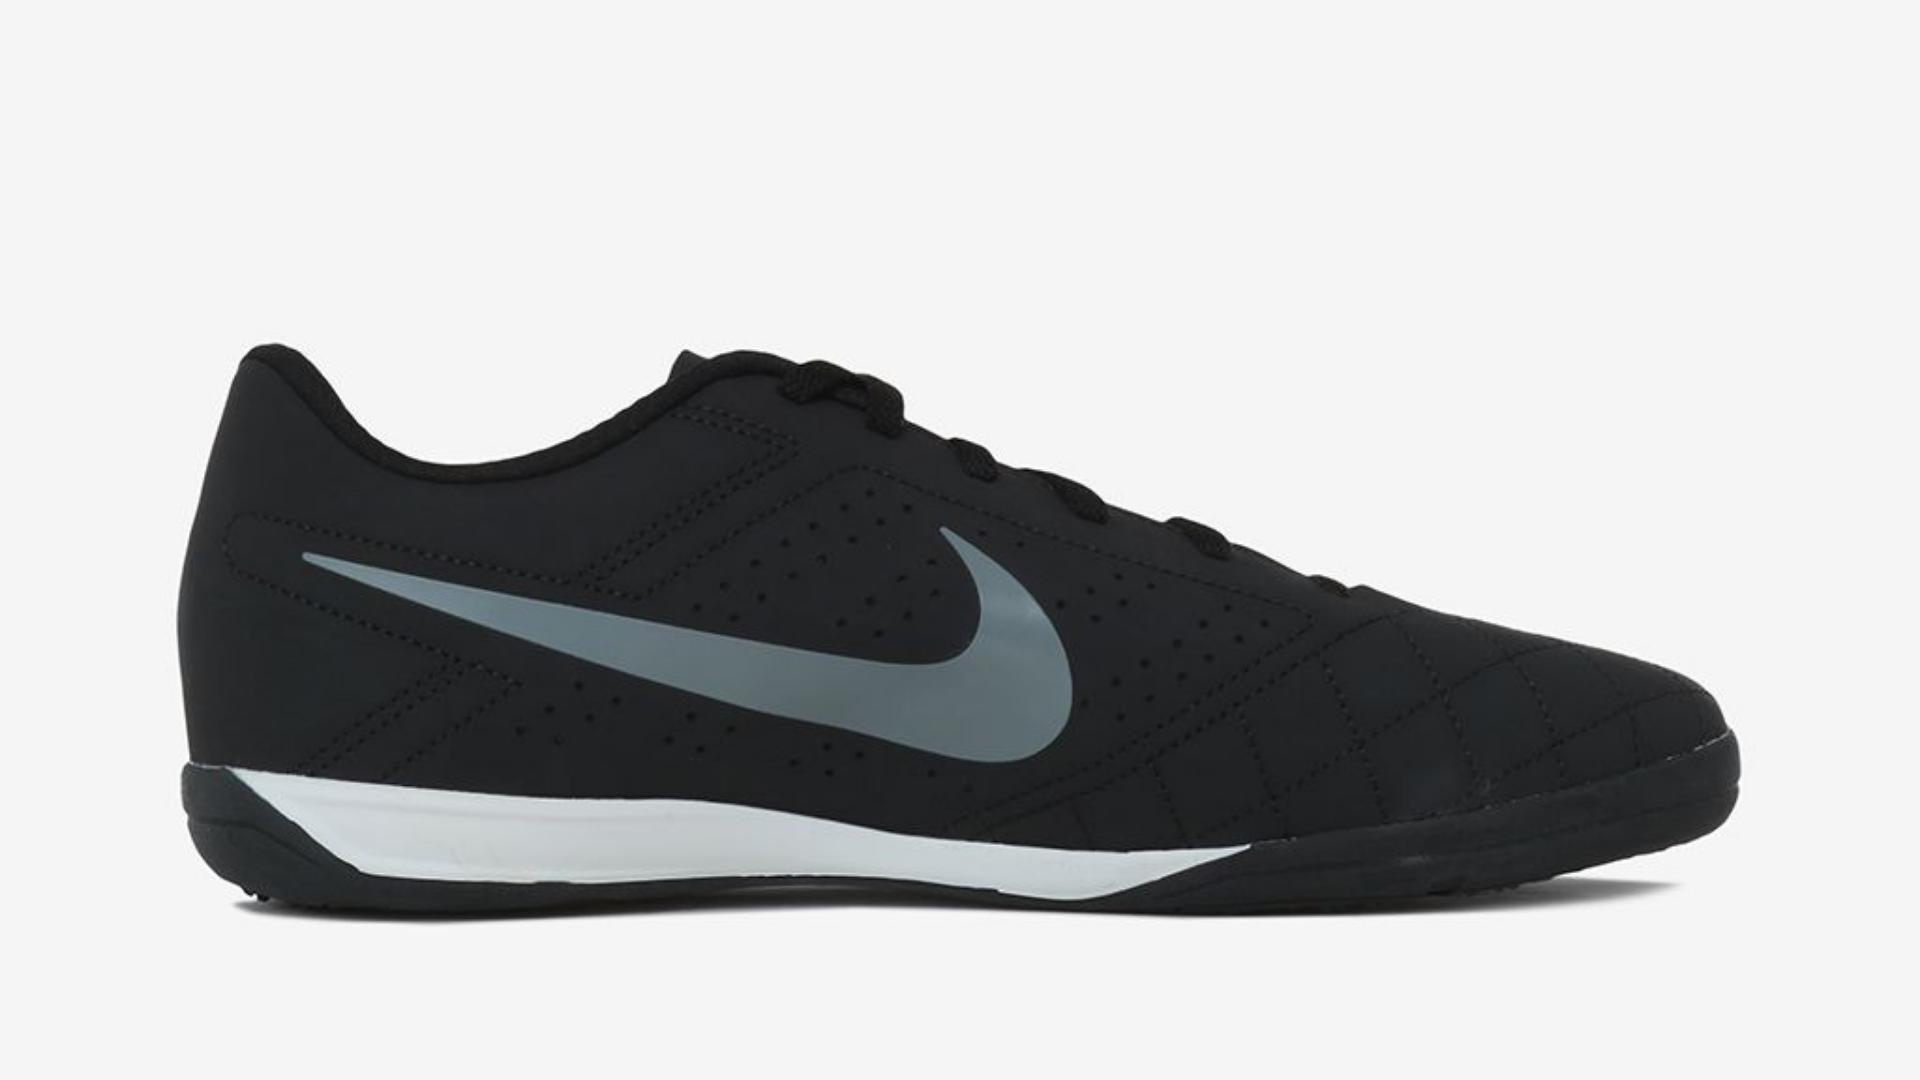 A chuteira Nike futsal Bec 2 preta está sob um superfície branca e tem solado branco, o simbolo da Nike é cinza.